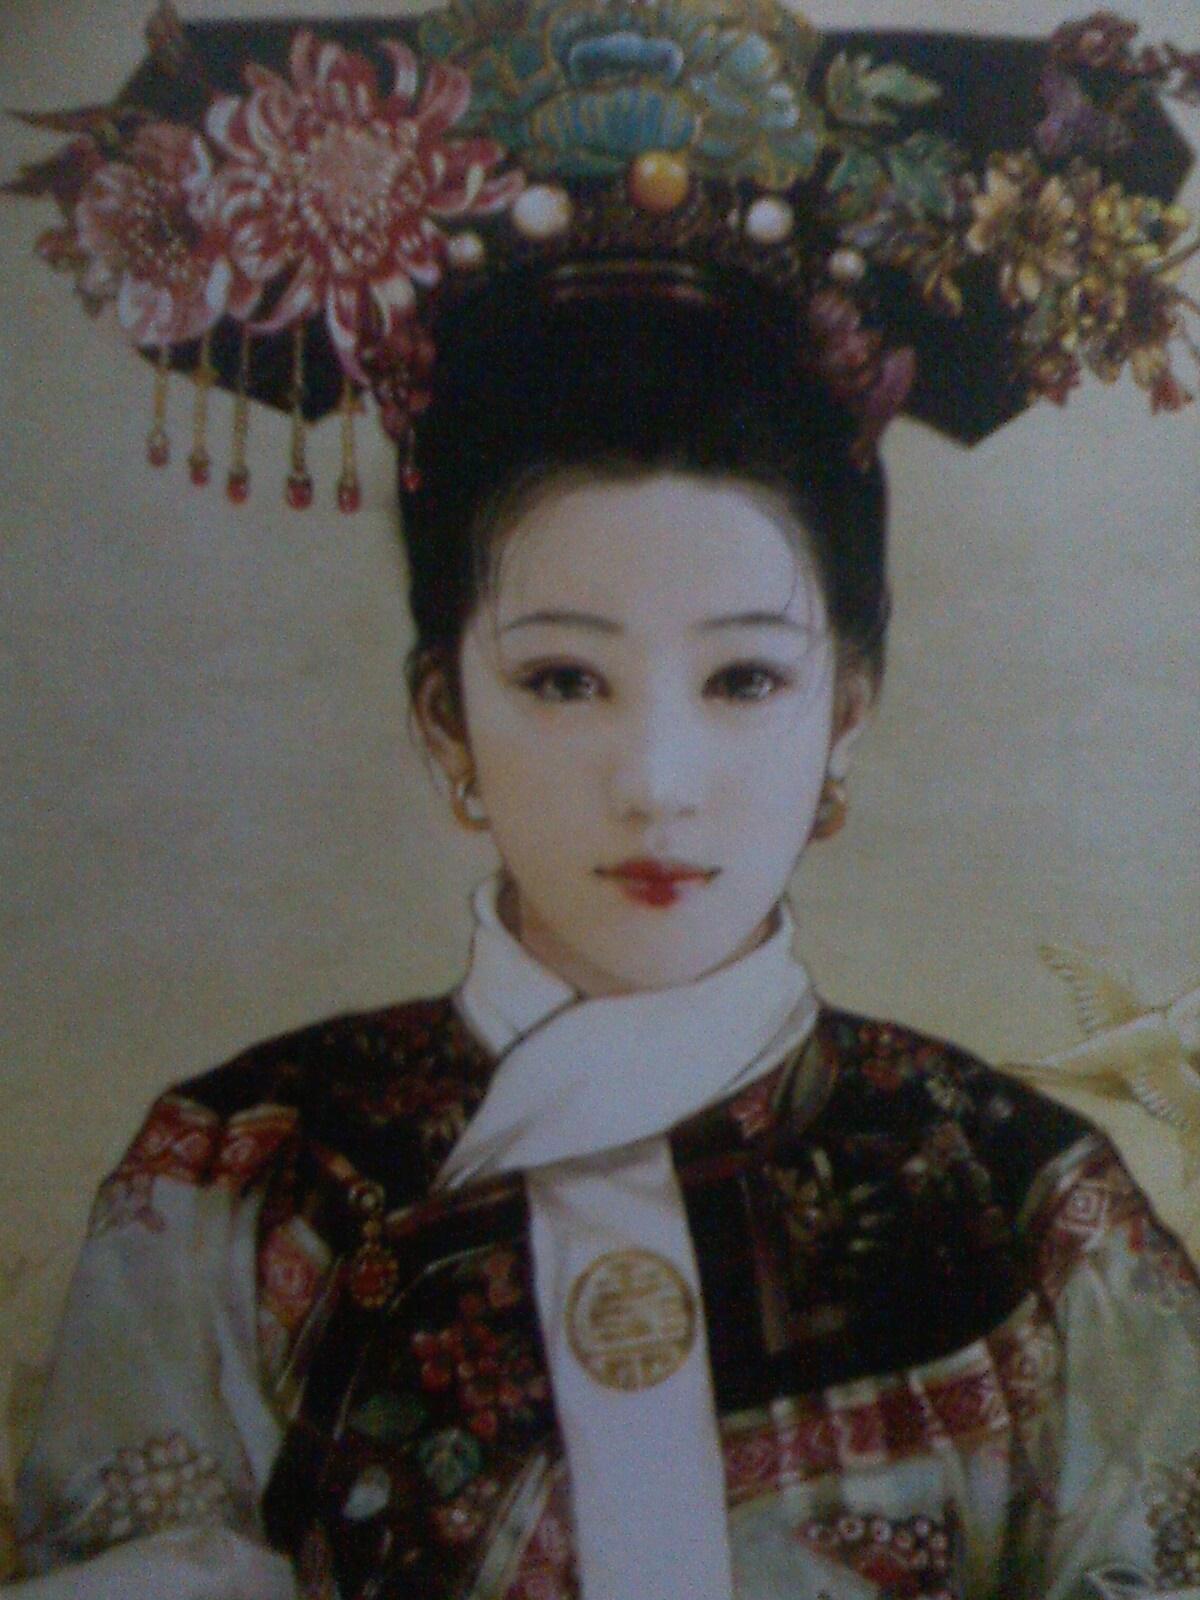 清朝皇帝龙根磨妃子_清朝妃子照片上的童星图片_清朝妃子照片上的童星图片下载